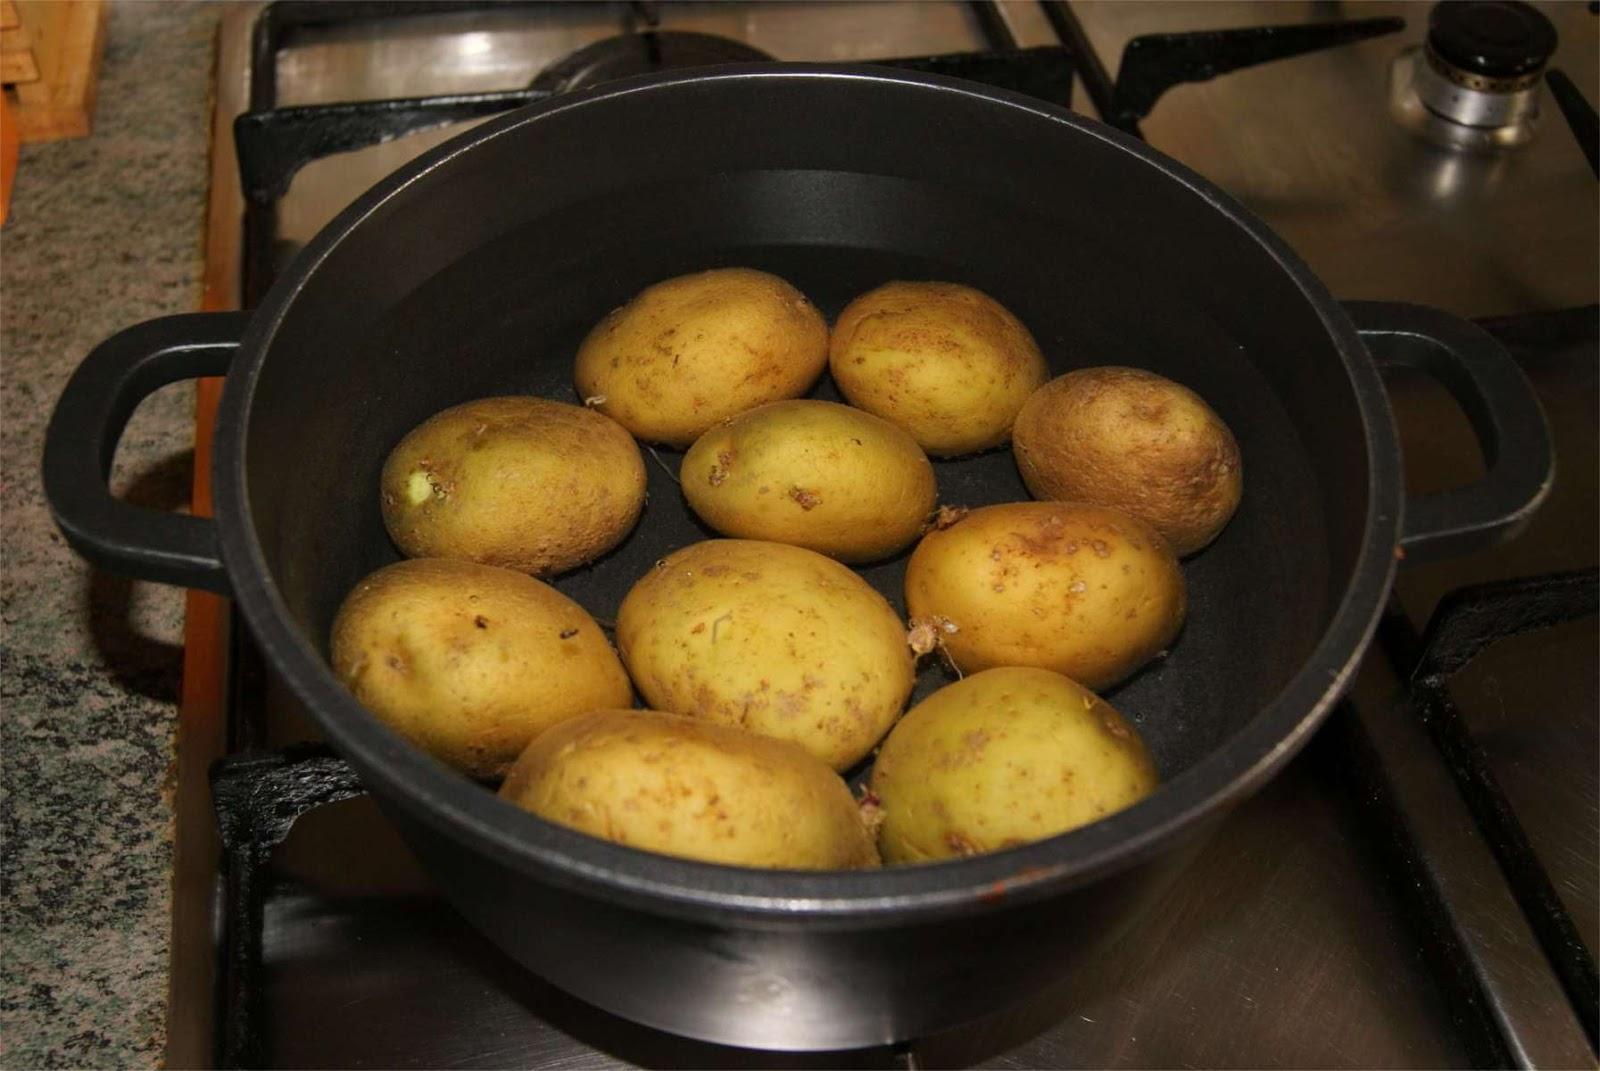 Receta de ensalada de patatas al guacamole paso 1